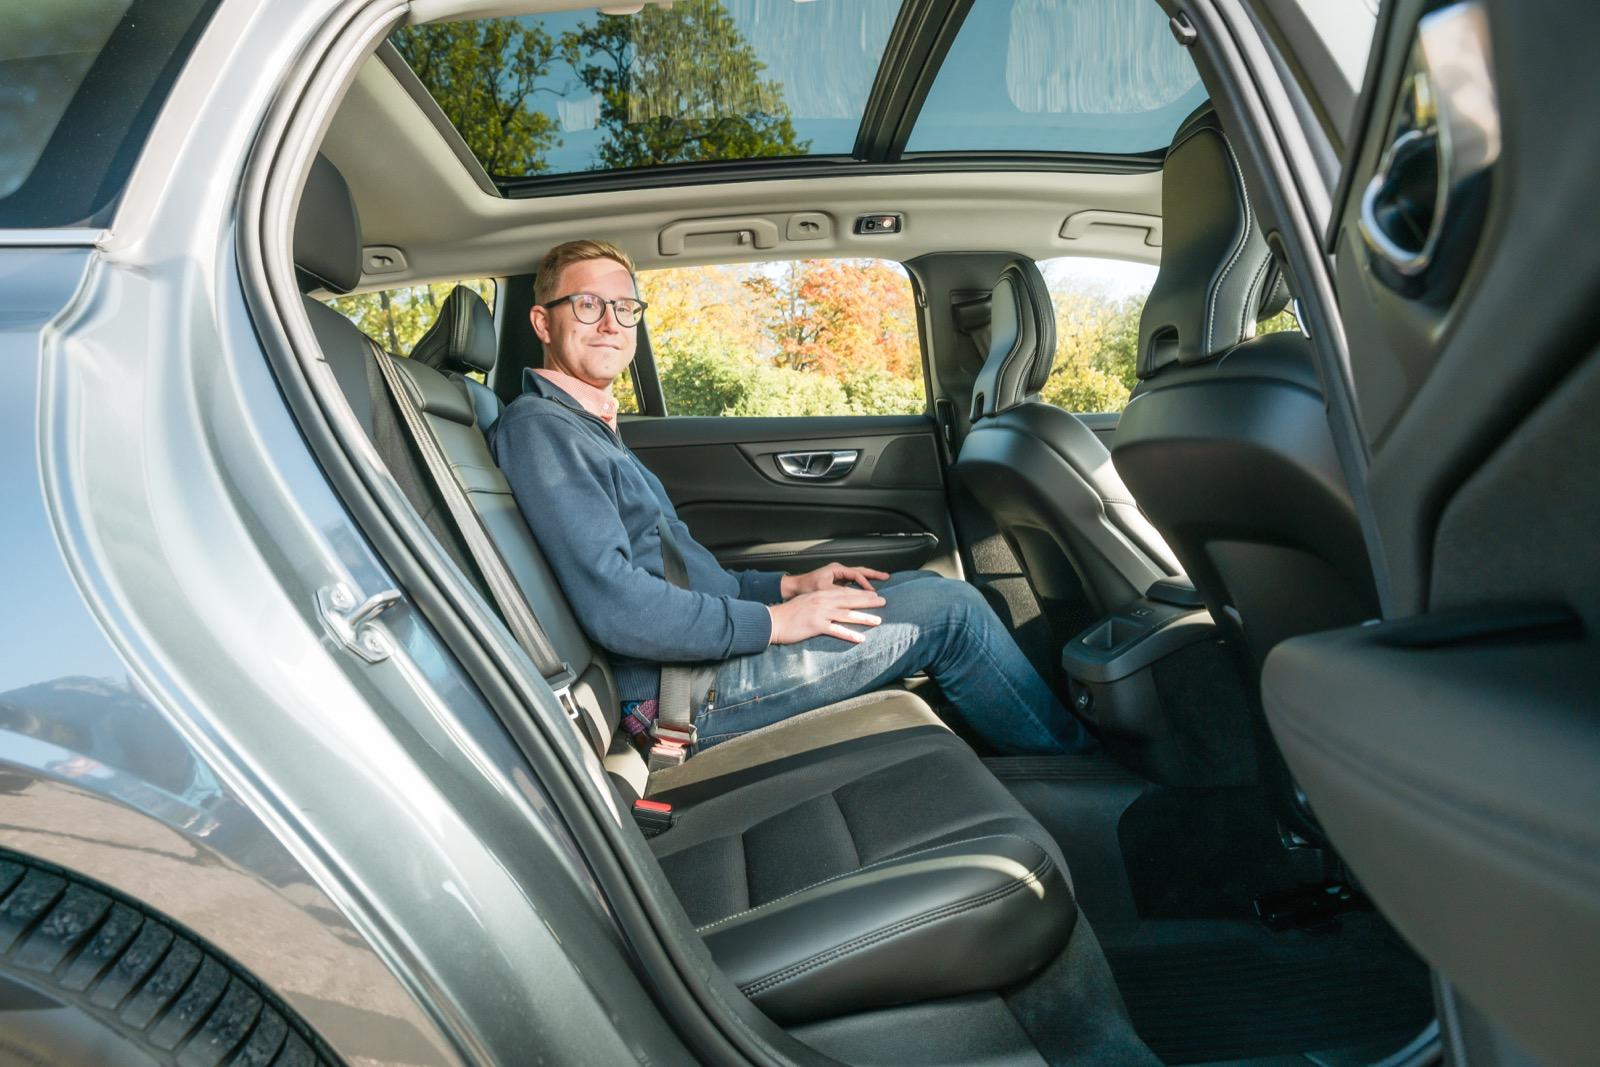 Volvo: Skön rygglutning och djupt skålad sittdyna. Låg sitthöjd med kraftig knävinkel, dock bidrar skålningen till bra lårstöd. Bättre benutrymme än i 3-serien.